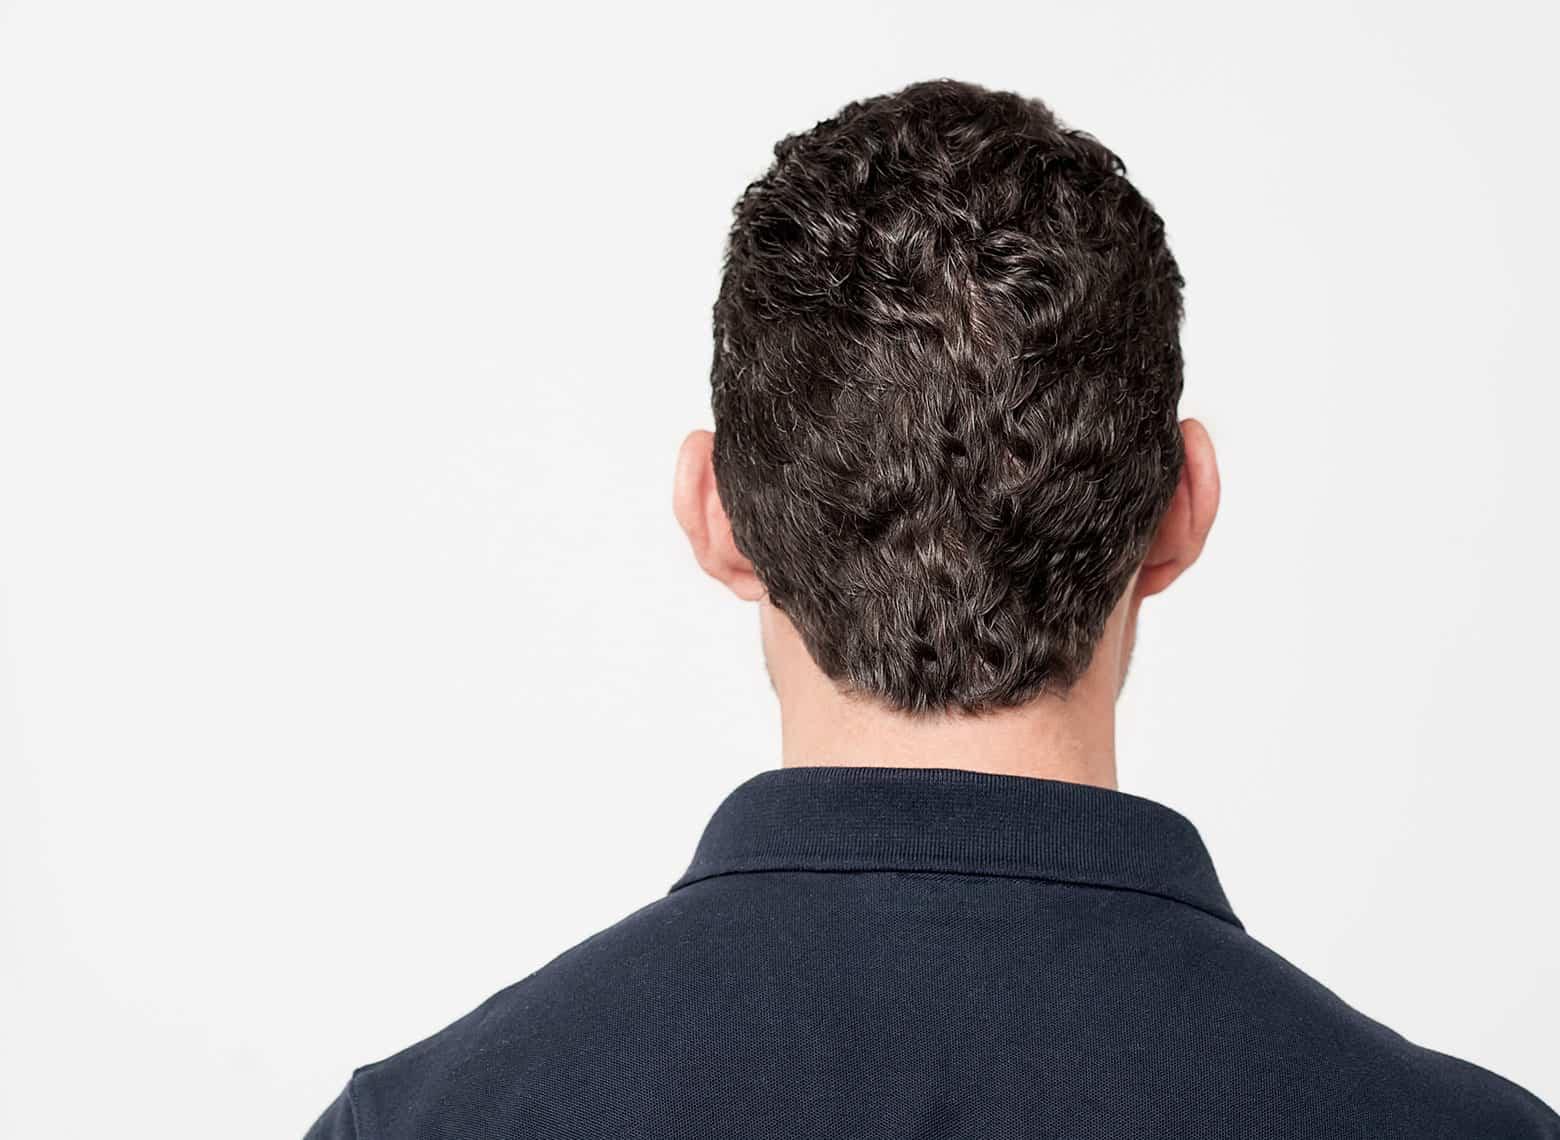 man with round neckline